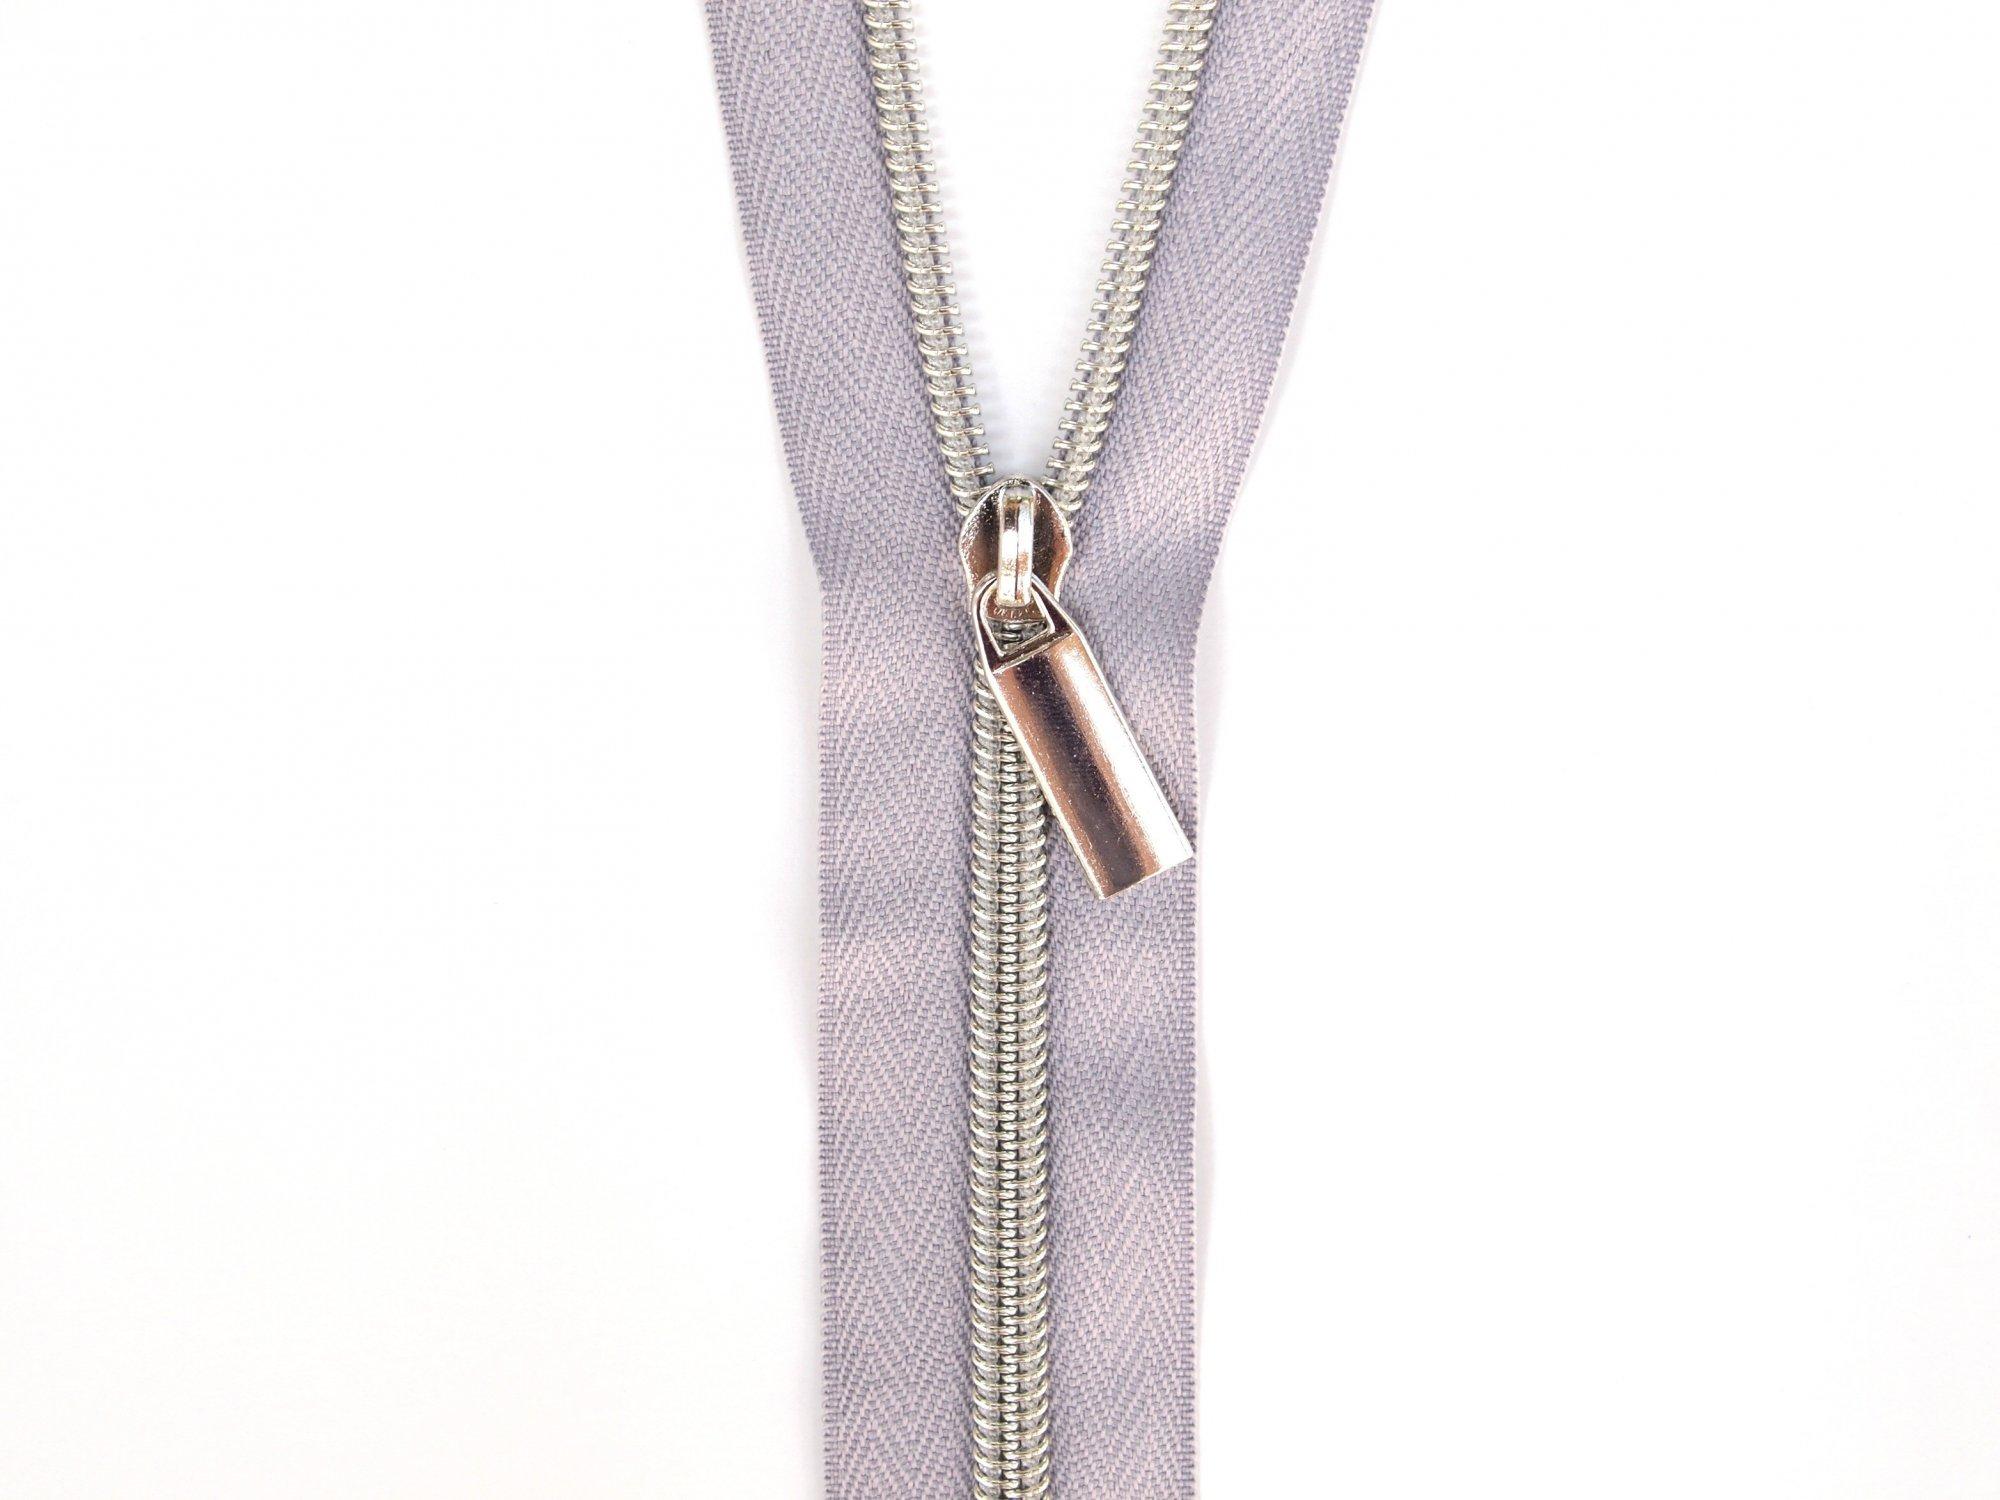 Zipper Tape - Grey Tape & Silver Zipper